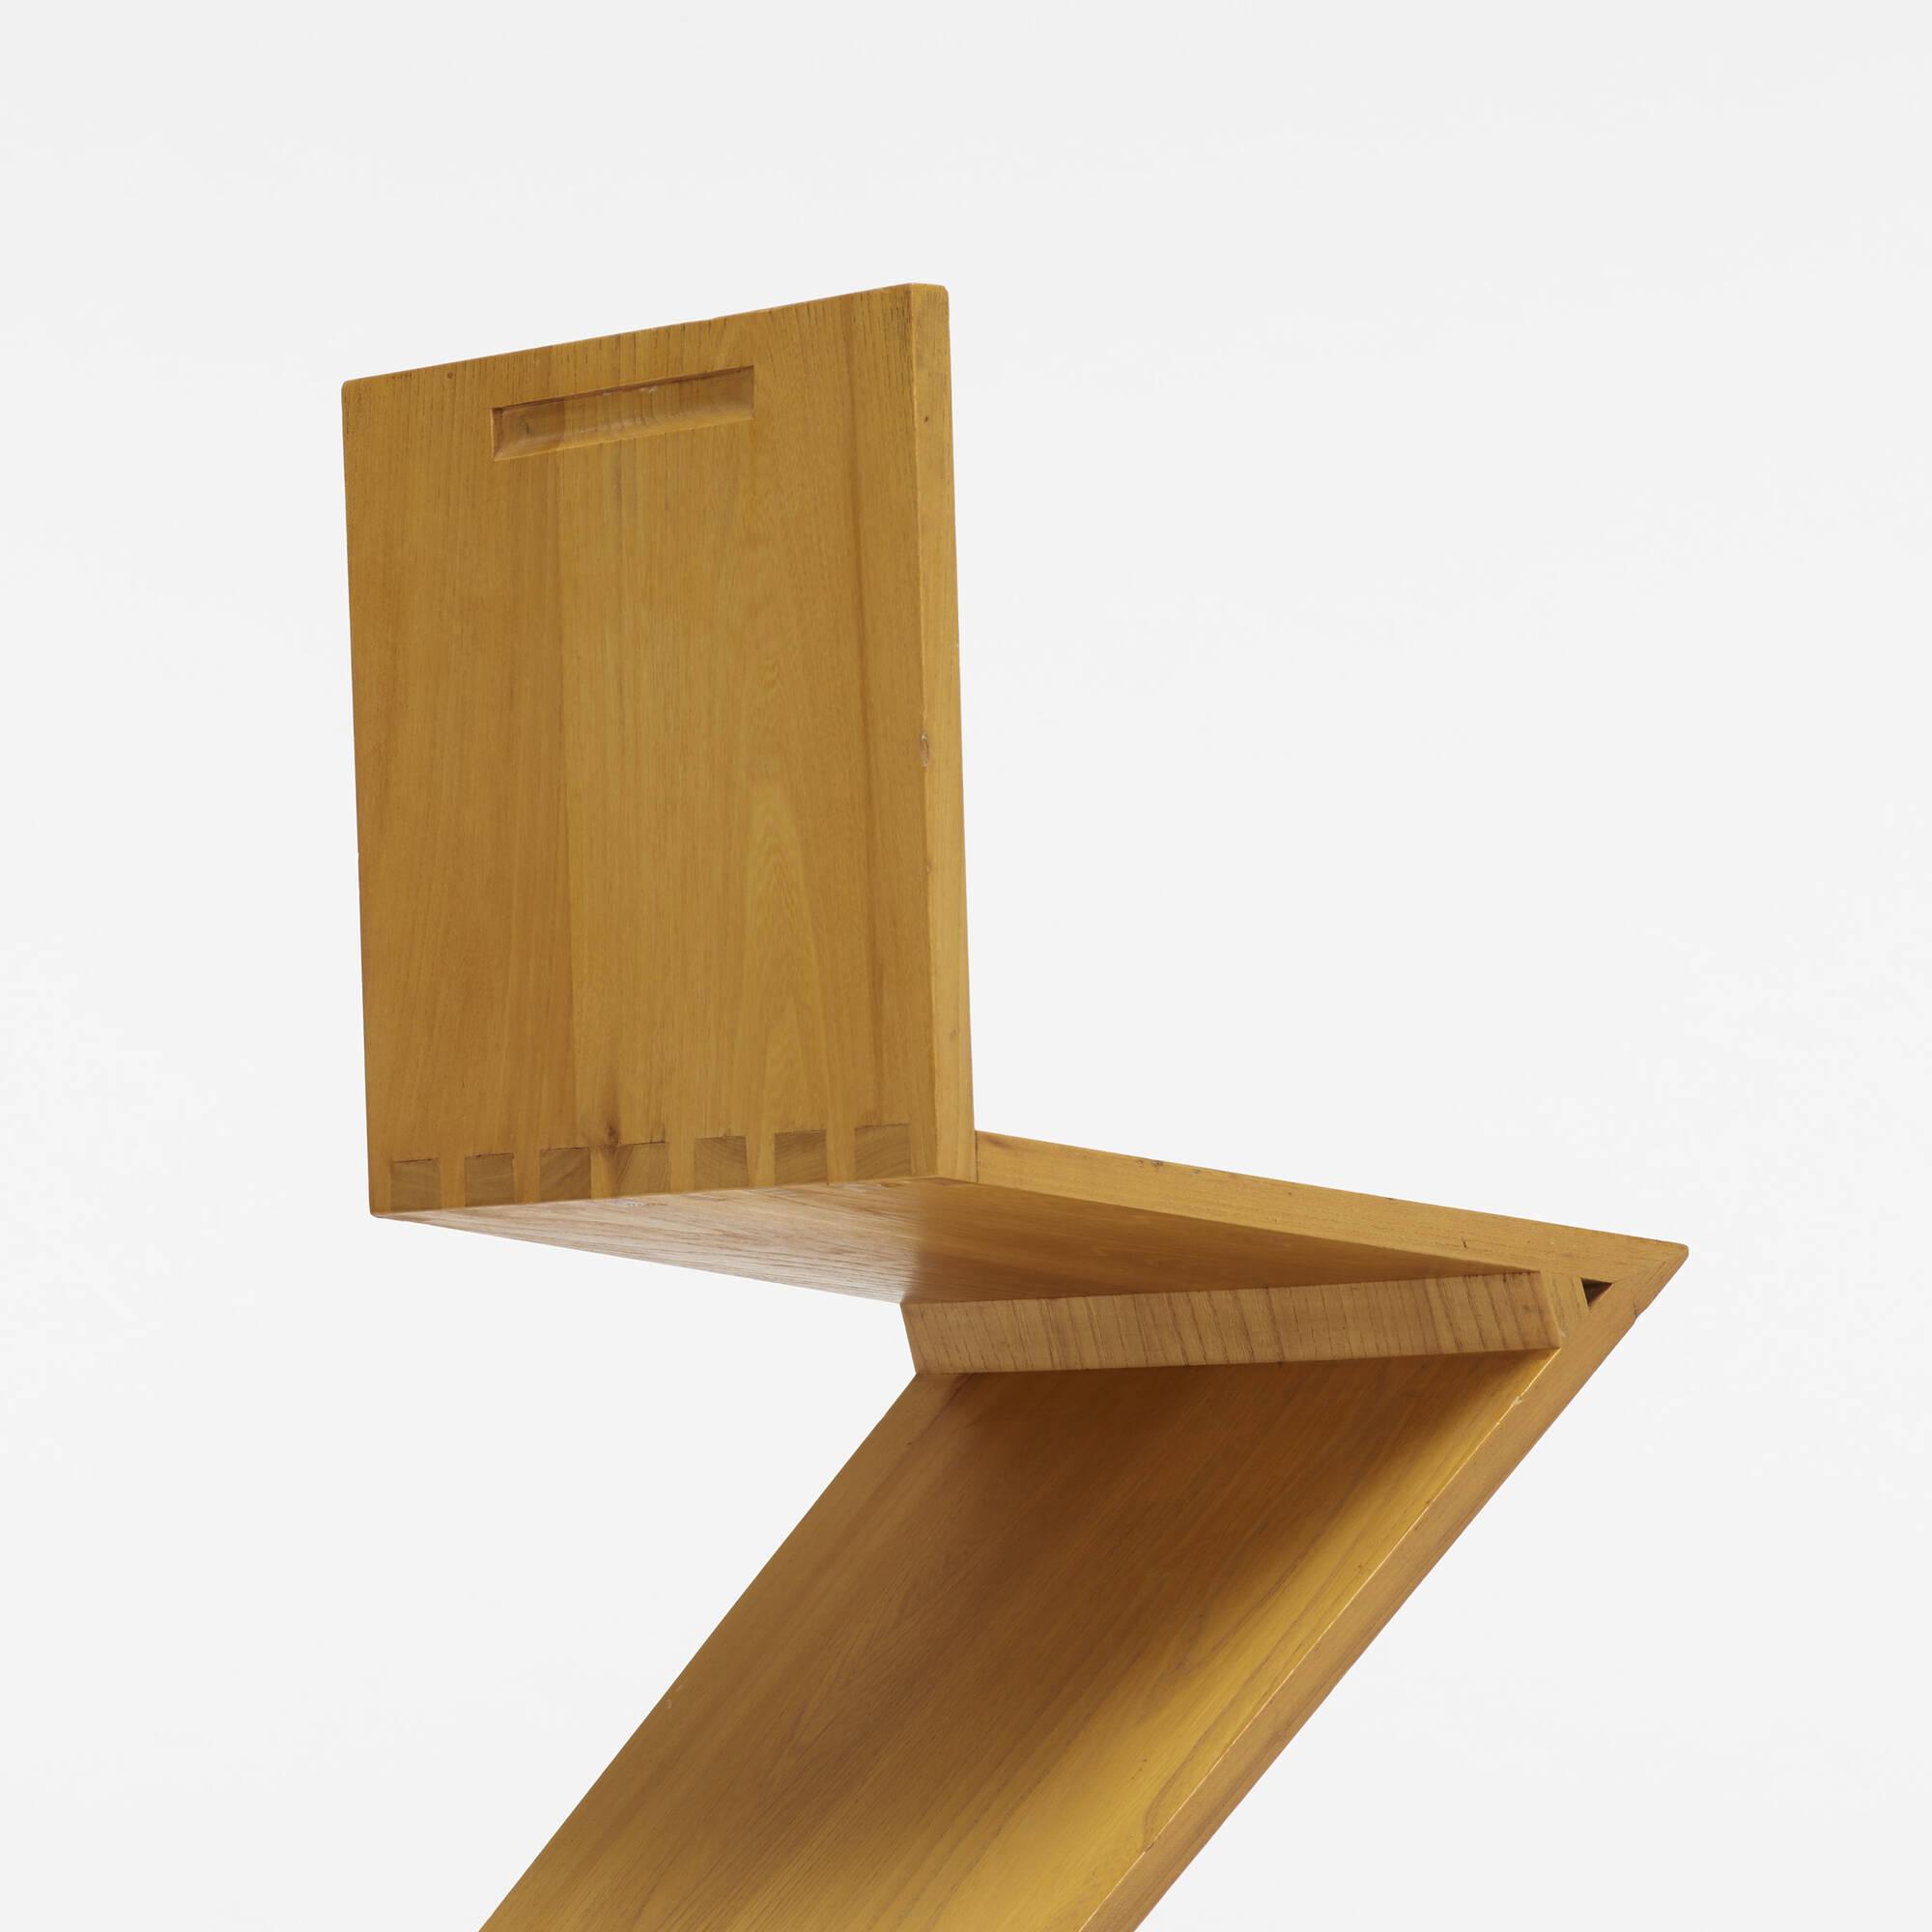 419: Gerrit Rietveld / Zig-Zag chair (3 of 3)